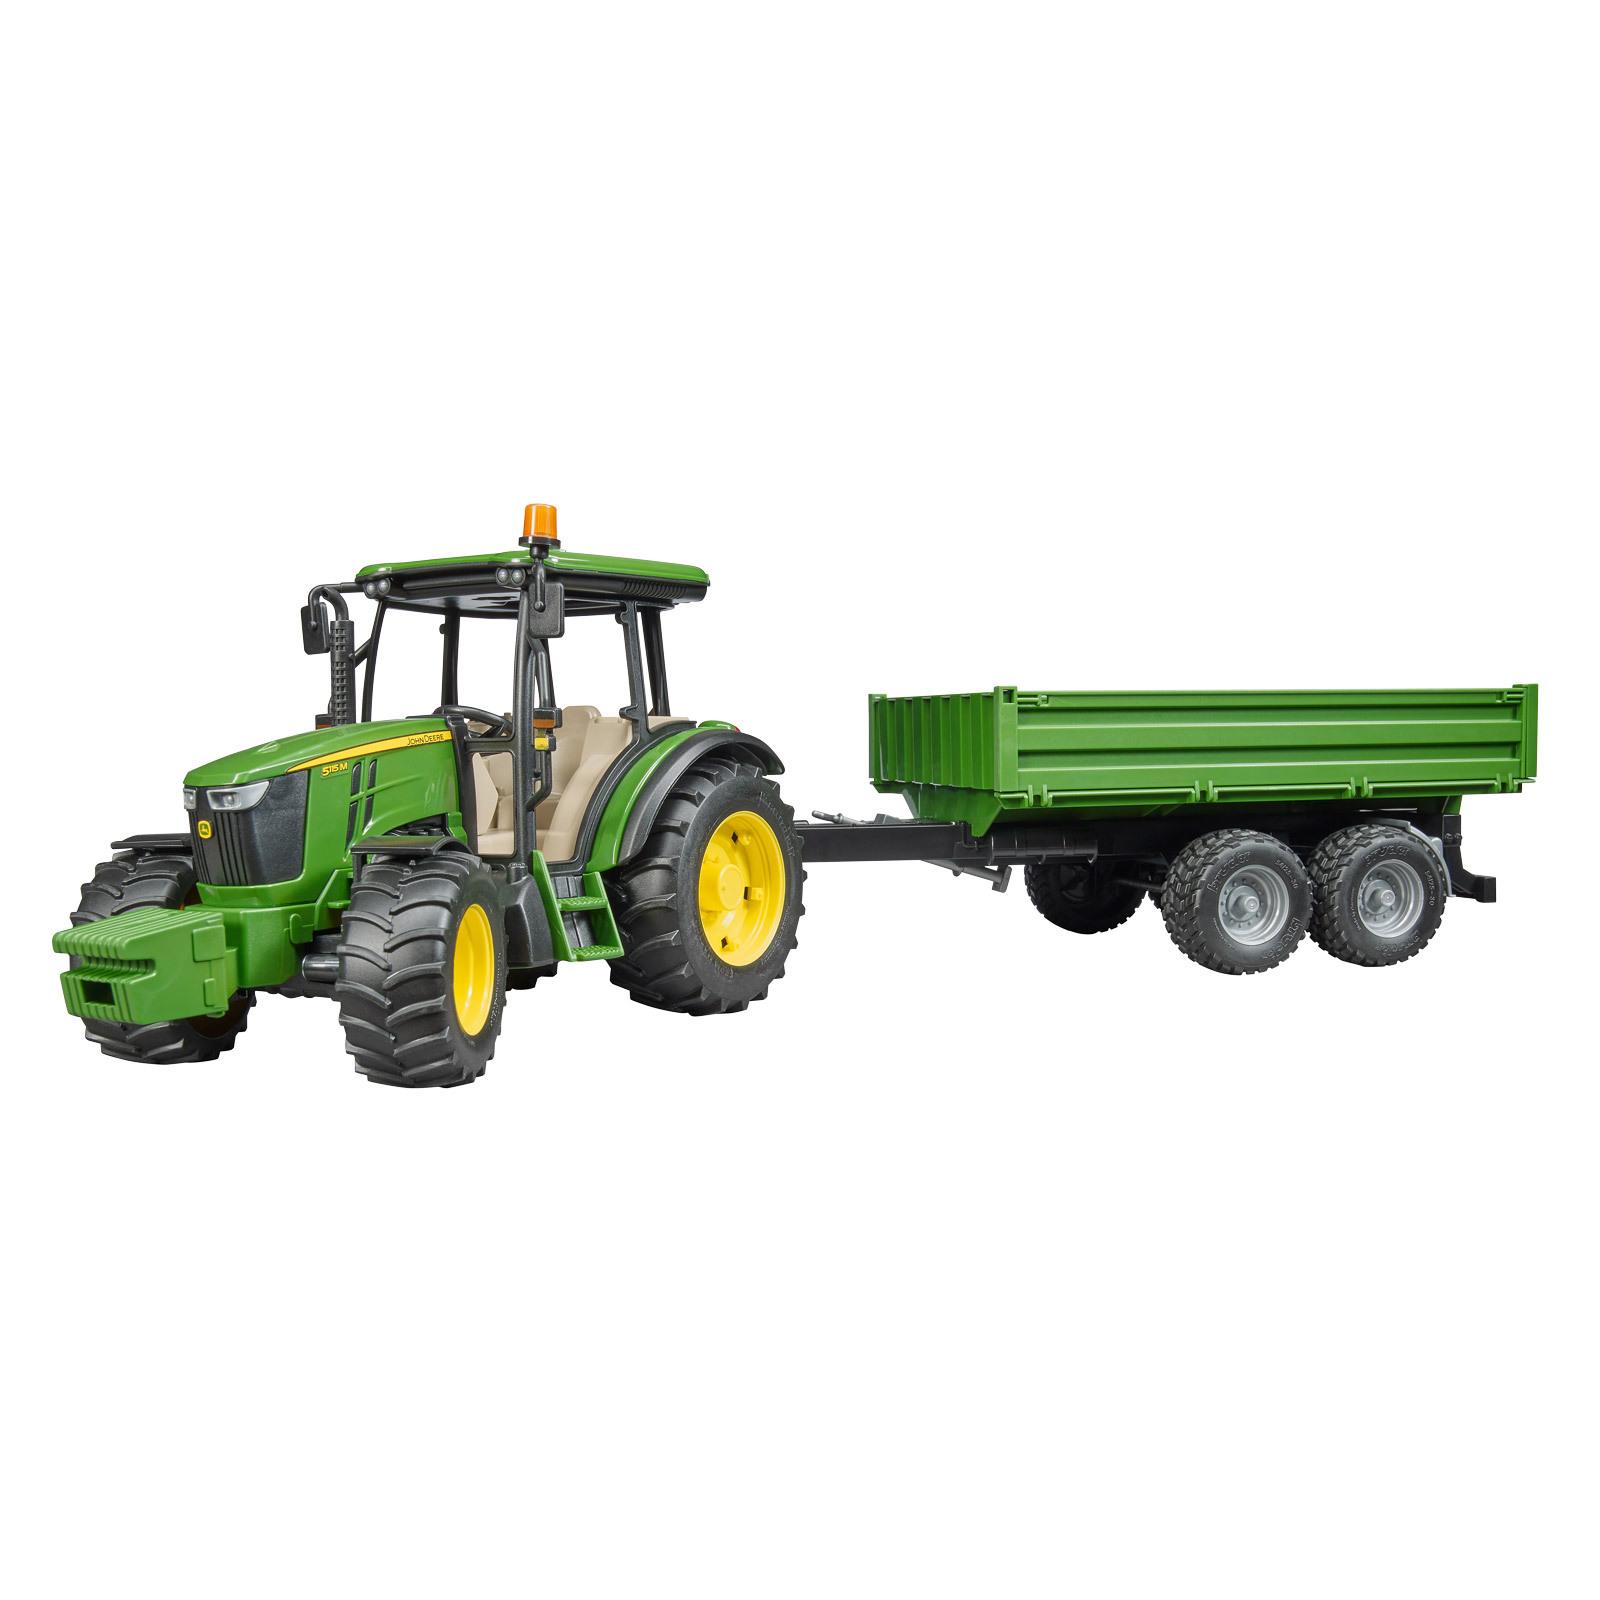 bruder spielzeug john deere 5115m traktor schlepper mit